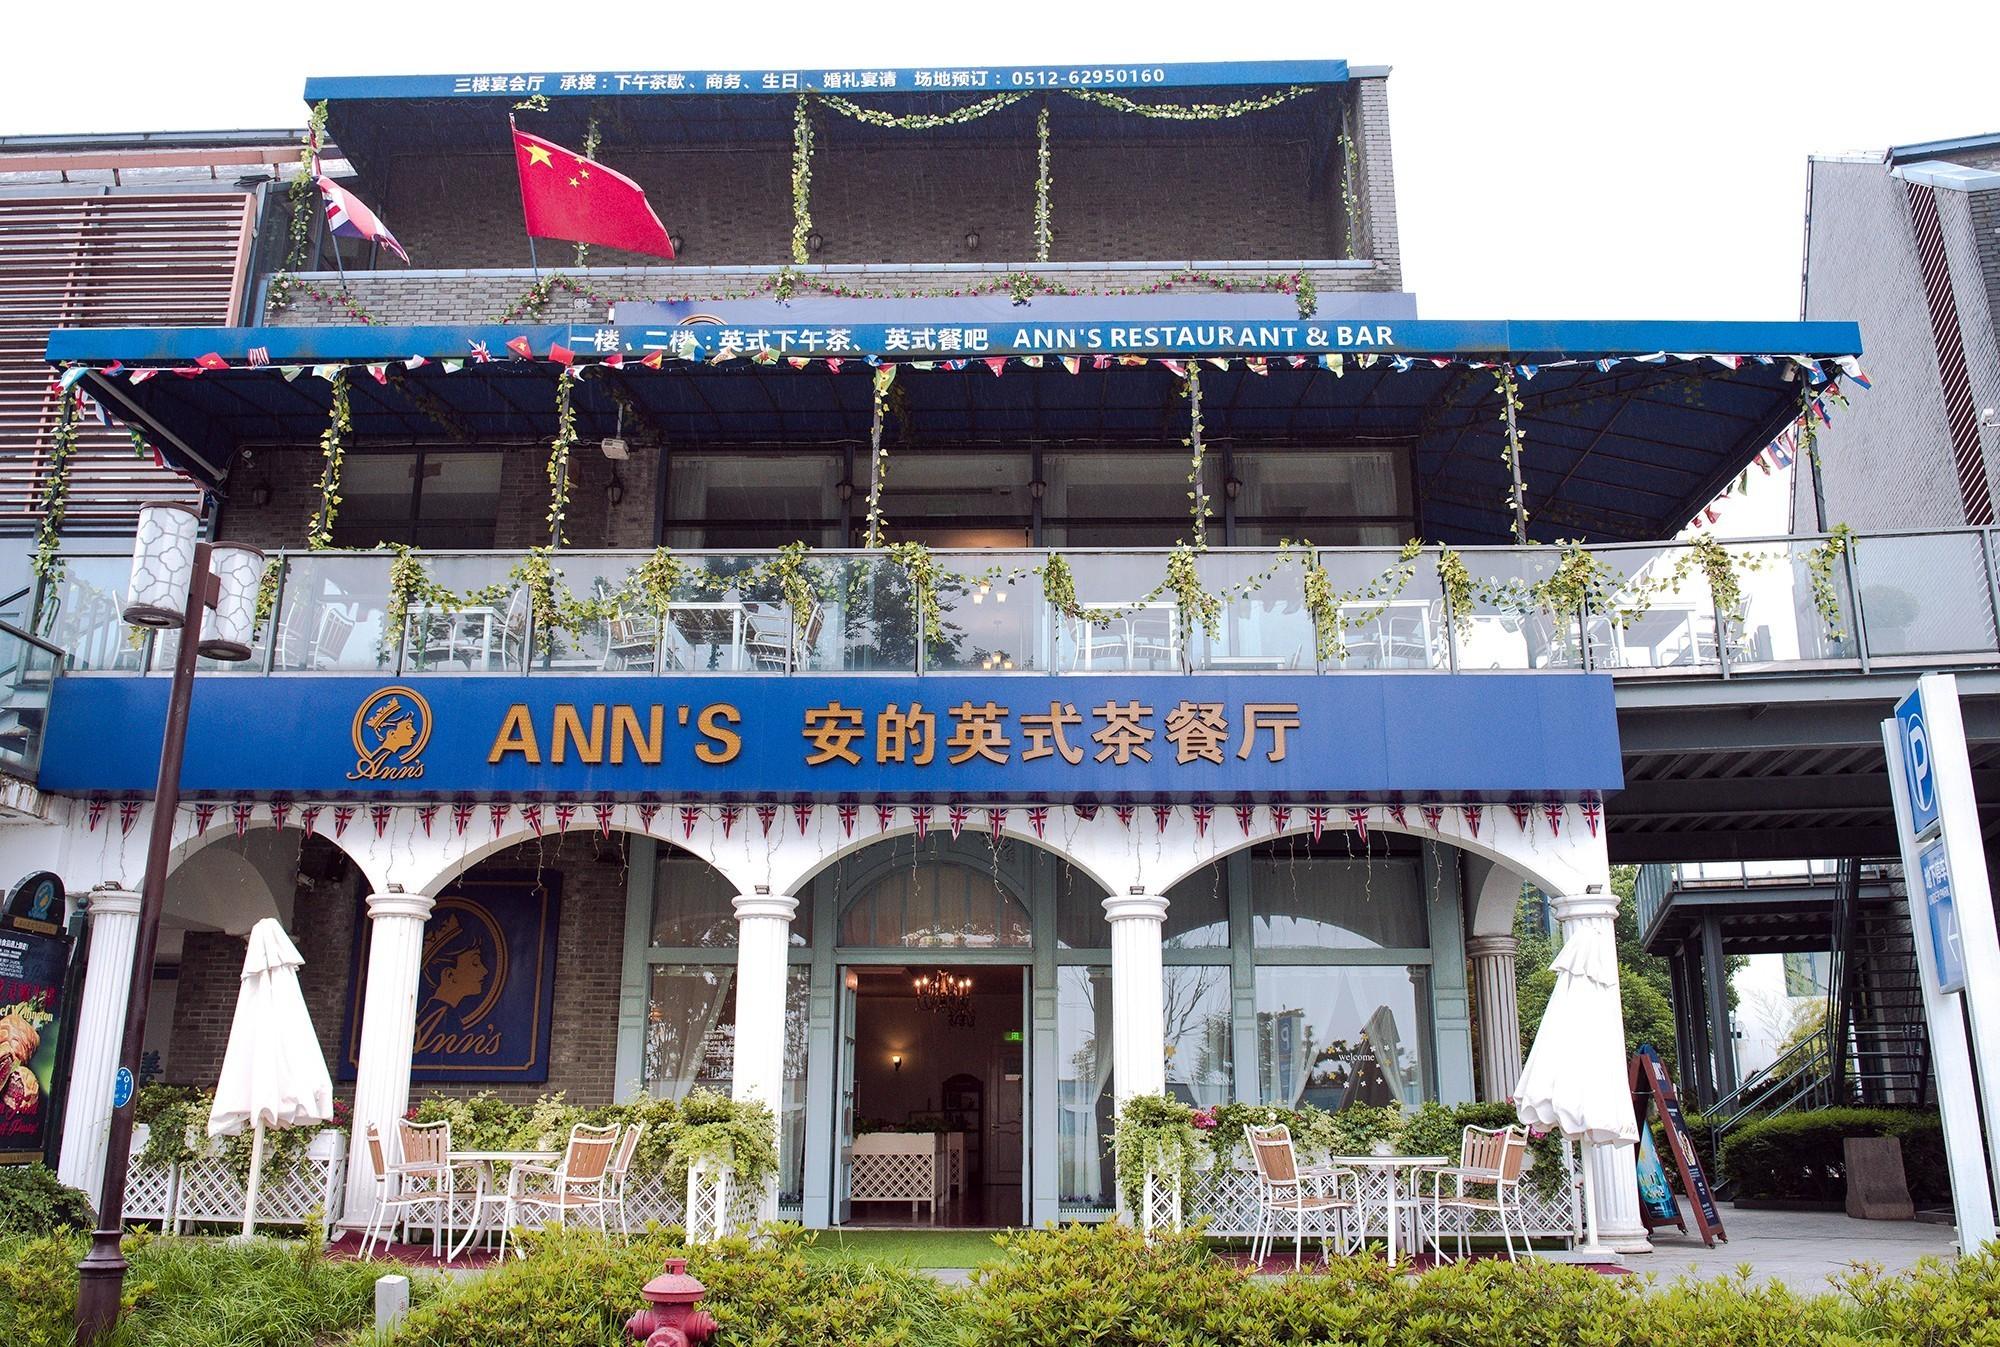 【苏州】李公堤 59.9元购ANN'S246元的双人下午茶套餐!正宗传统英式下午茶,为您带来爱与梦想的故事!有甜点有醇茶,有爱有故事,有书有朋友!